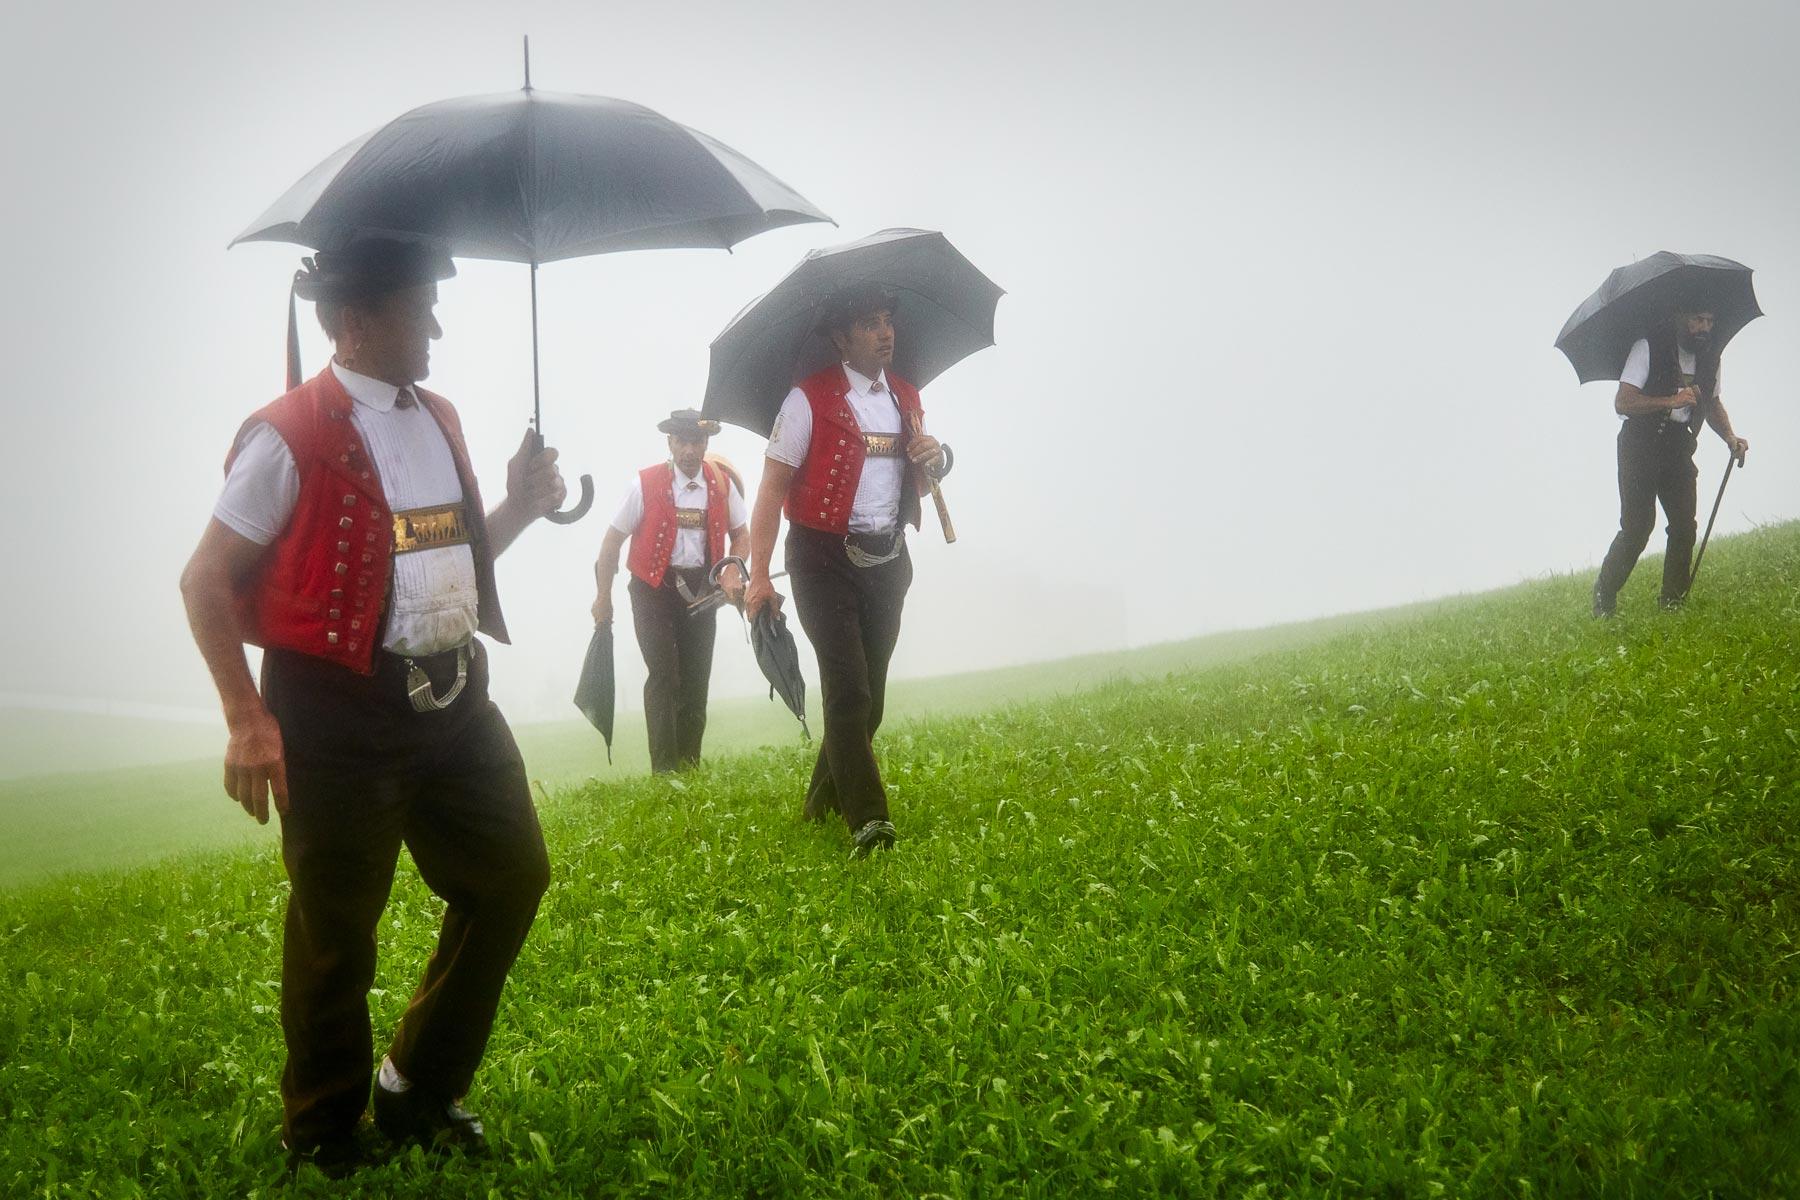 Appenzeller Sennen im Regen mit Regenschirmen